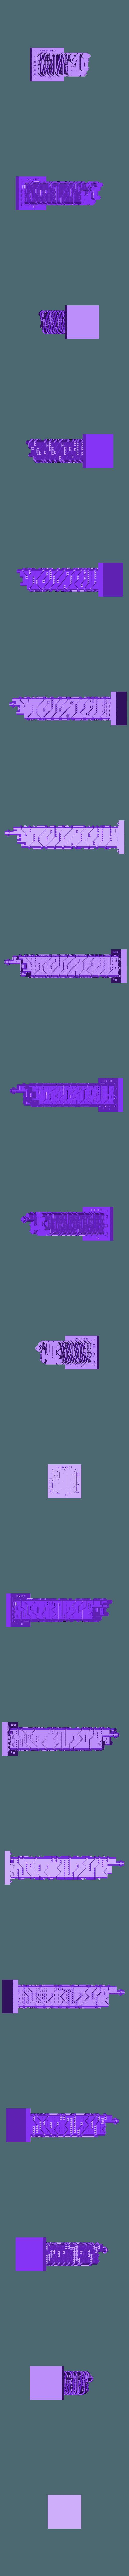 skyscraper2.stl Télécharger fichier STL gratuit Bâtiments de procédure • Design pour impression 3D, ferjerez3d